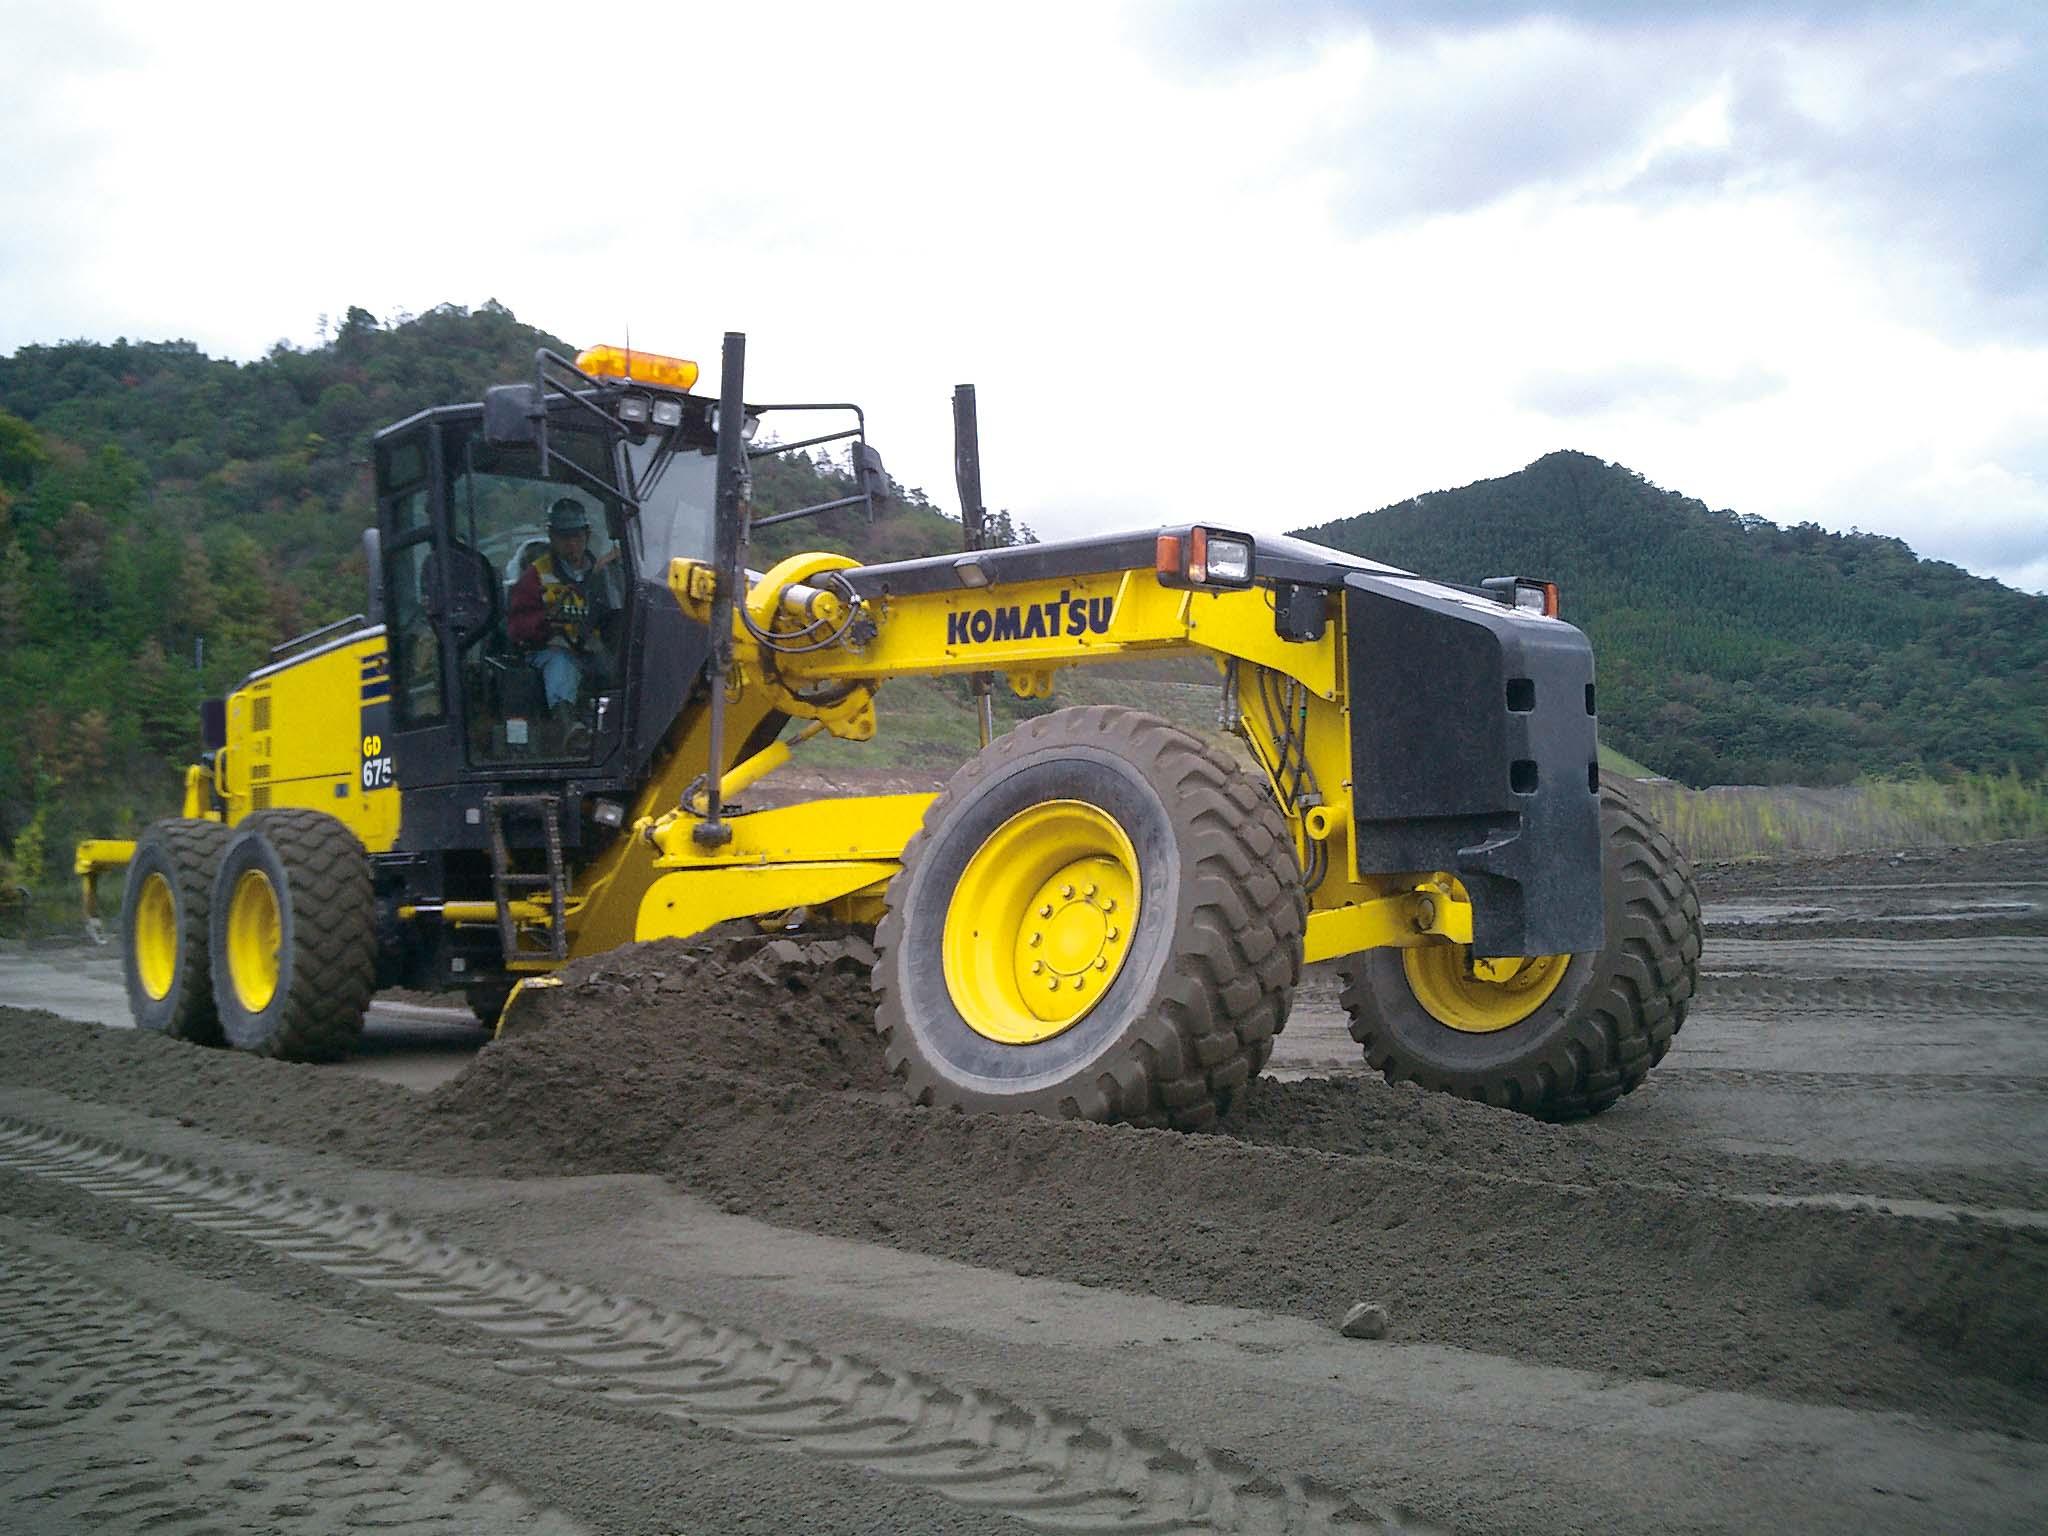 KOMATSU : Motor Graders - Construction & Mining Equipment